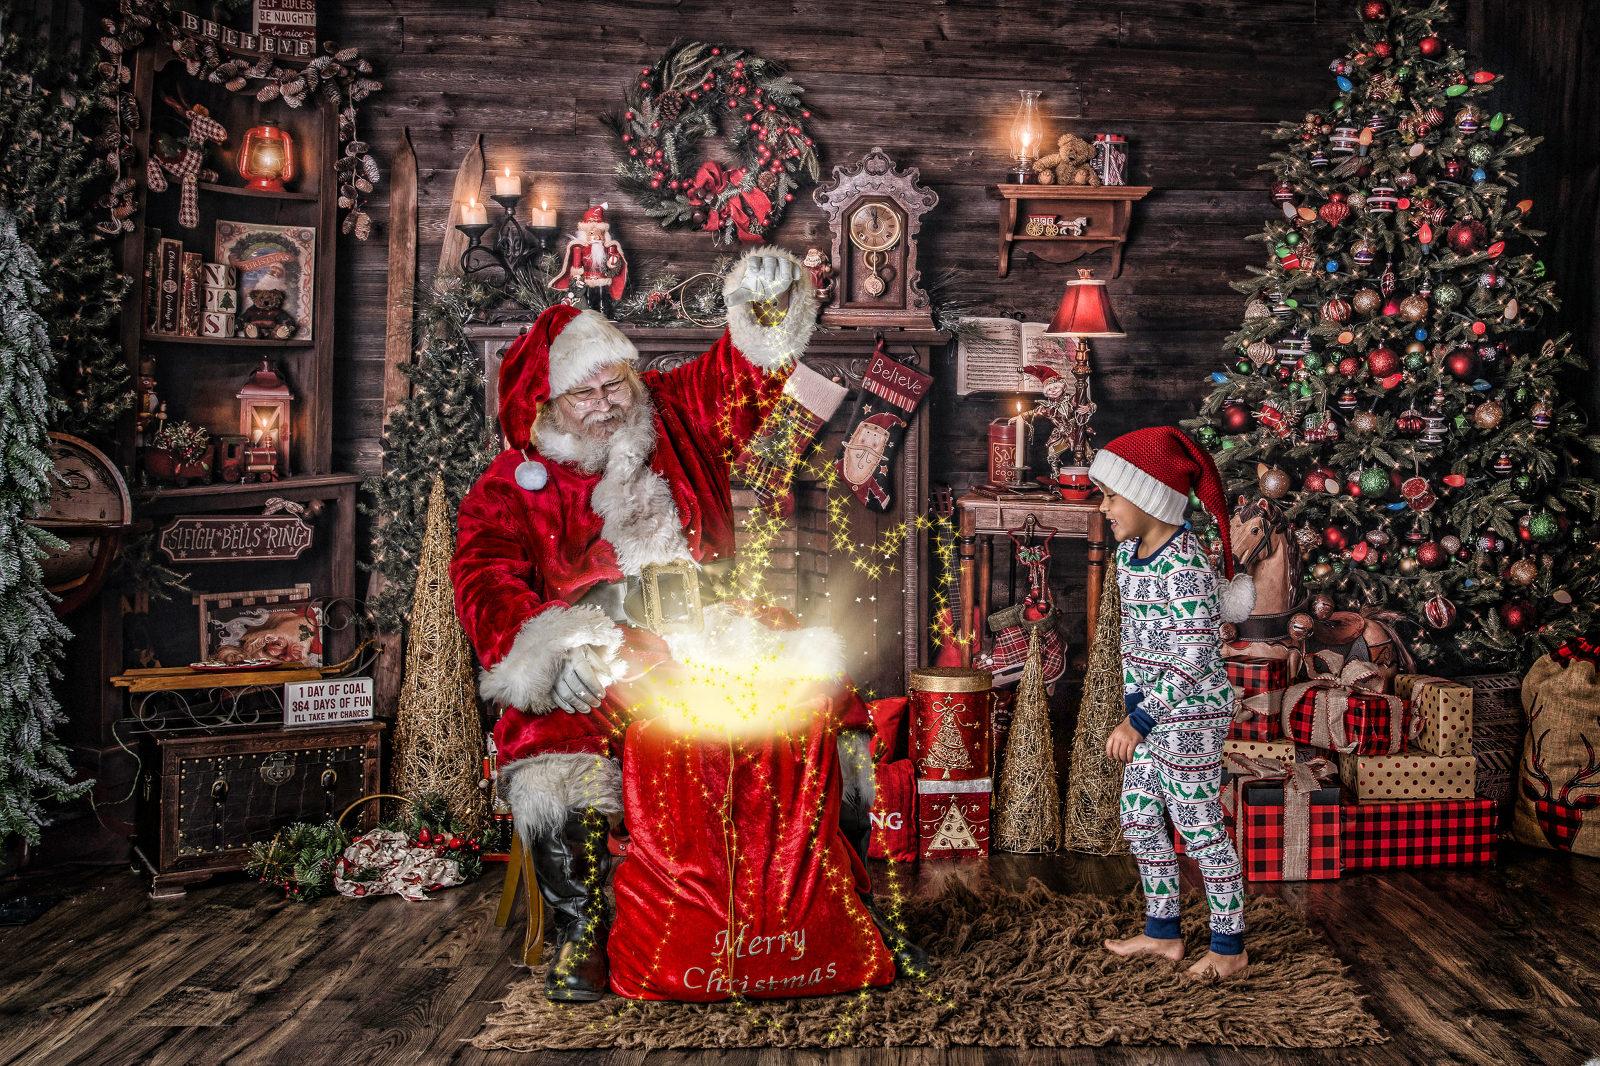 london ontario santa photo with magic gift bag